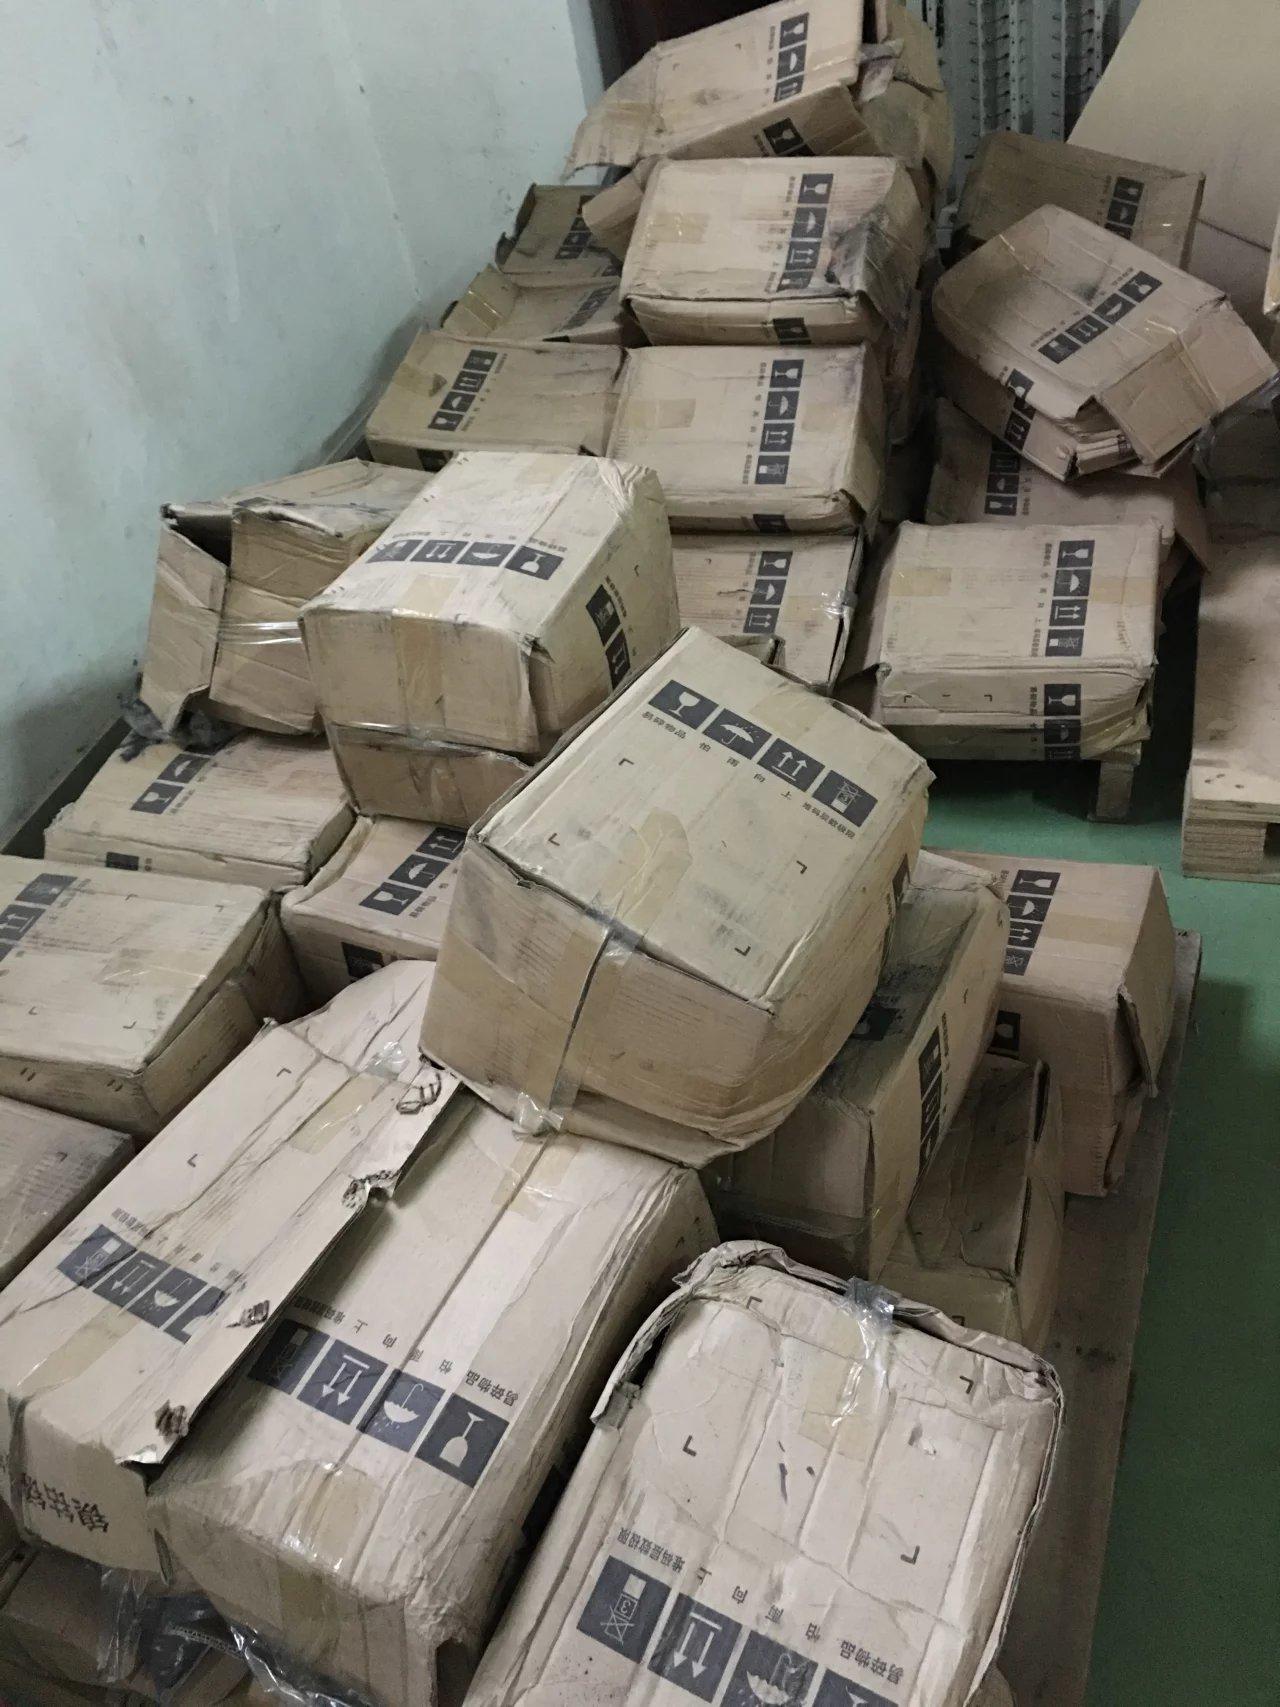 深圳收购钴酸锂库存镍钴锰酸锂、钴酸锂镍钴锰酸锂生产